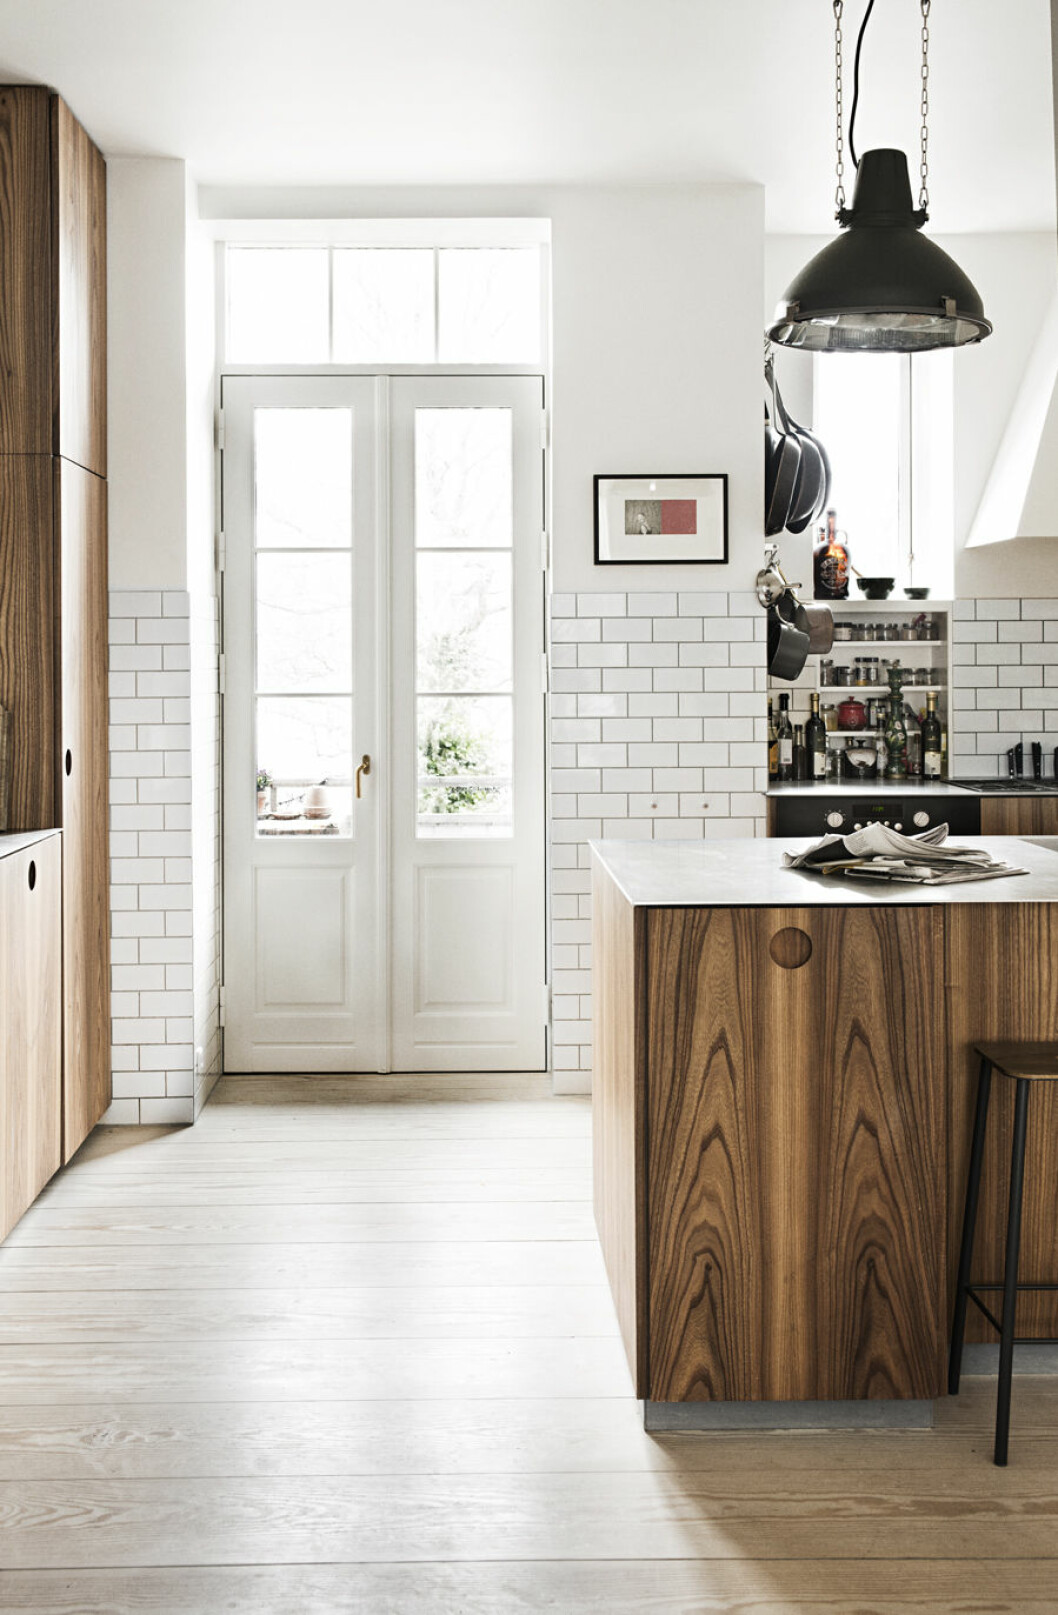 Köket med mörka träluckor i kontrast till vitt kakel som löper upp på väggarna